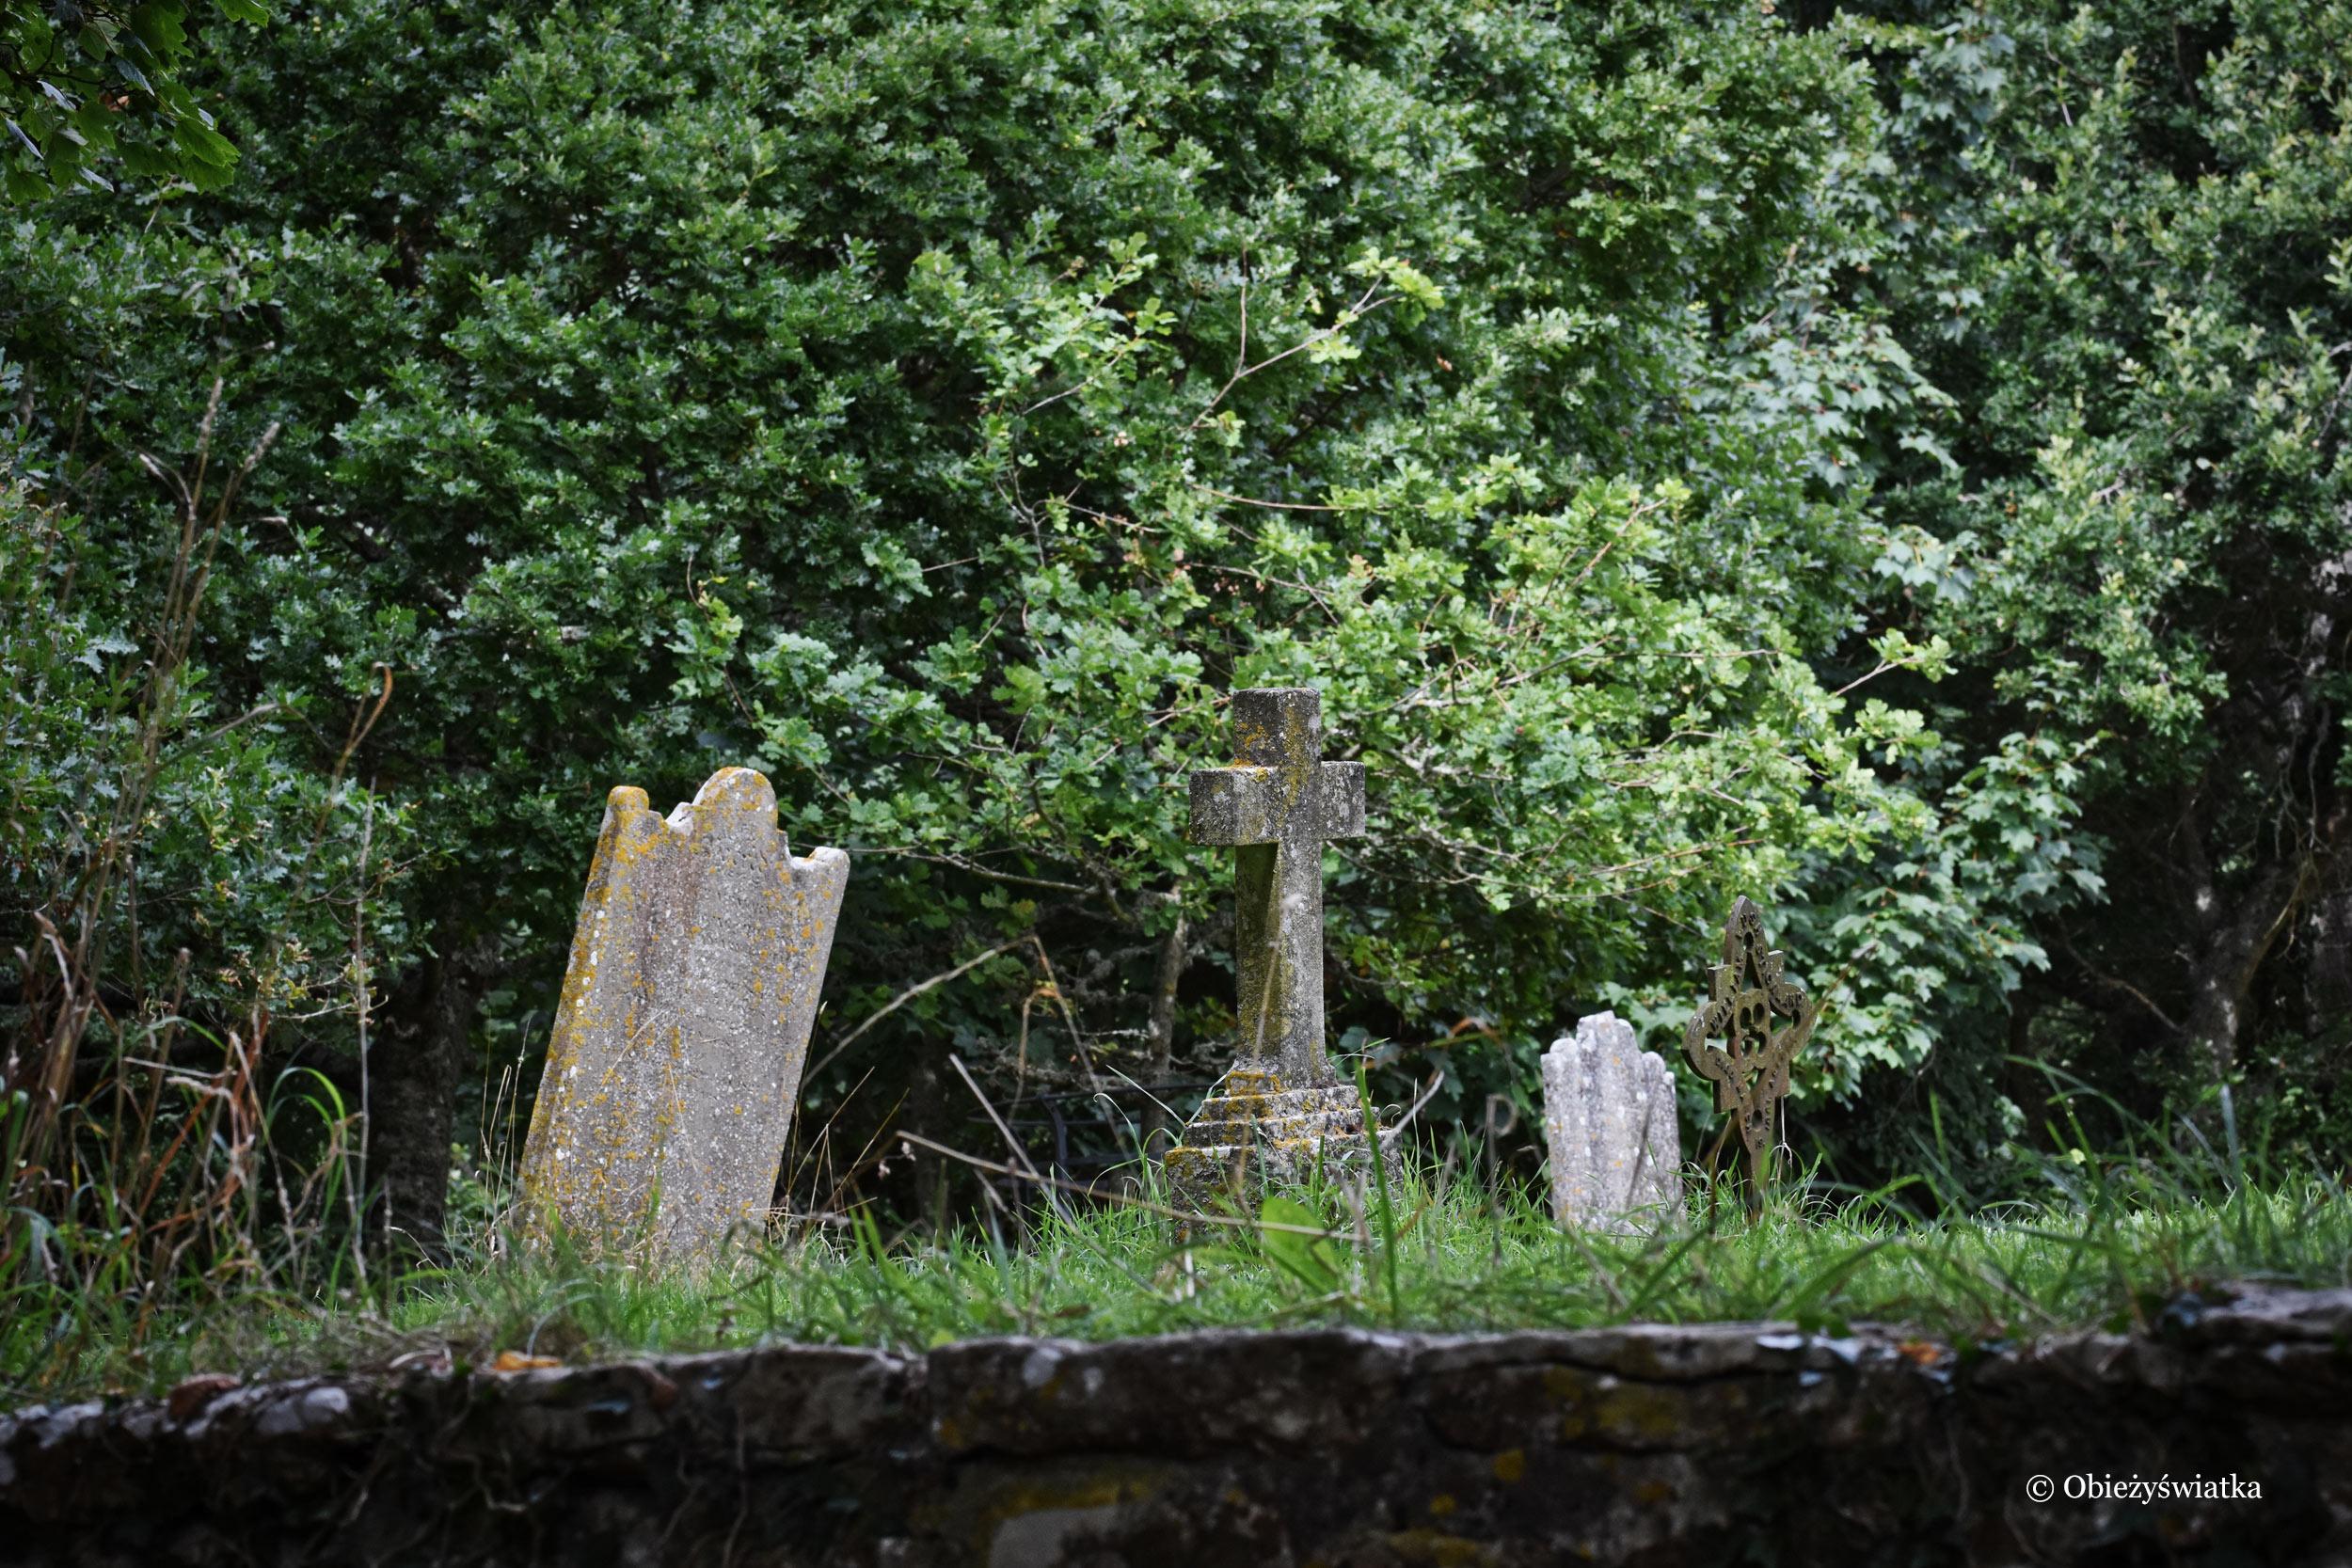 Cmentarz w opuszczonej wiosce, Tyneham